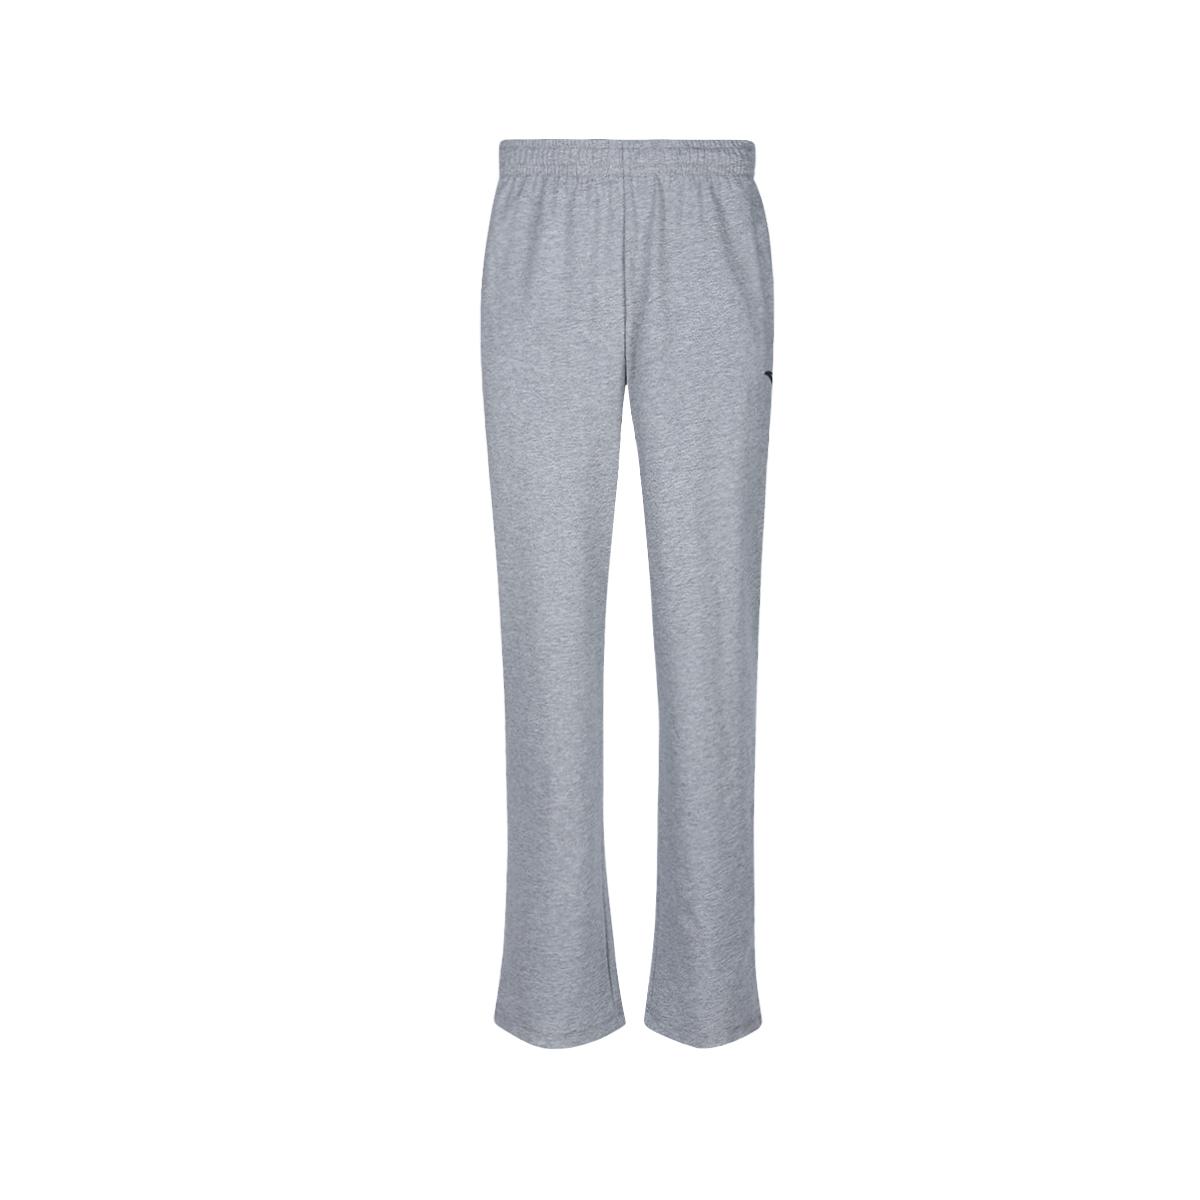 安踏服装ANTA正品2014夏季新款男式透气针织运动长裤/15427741